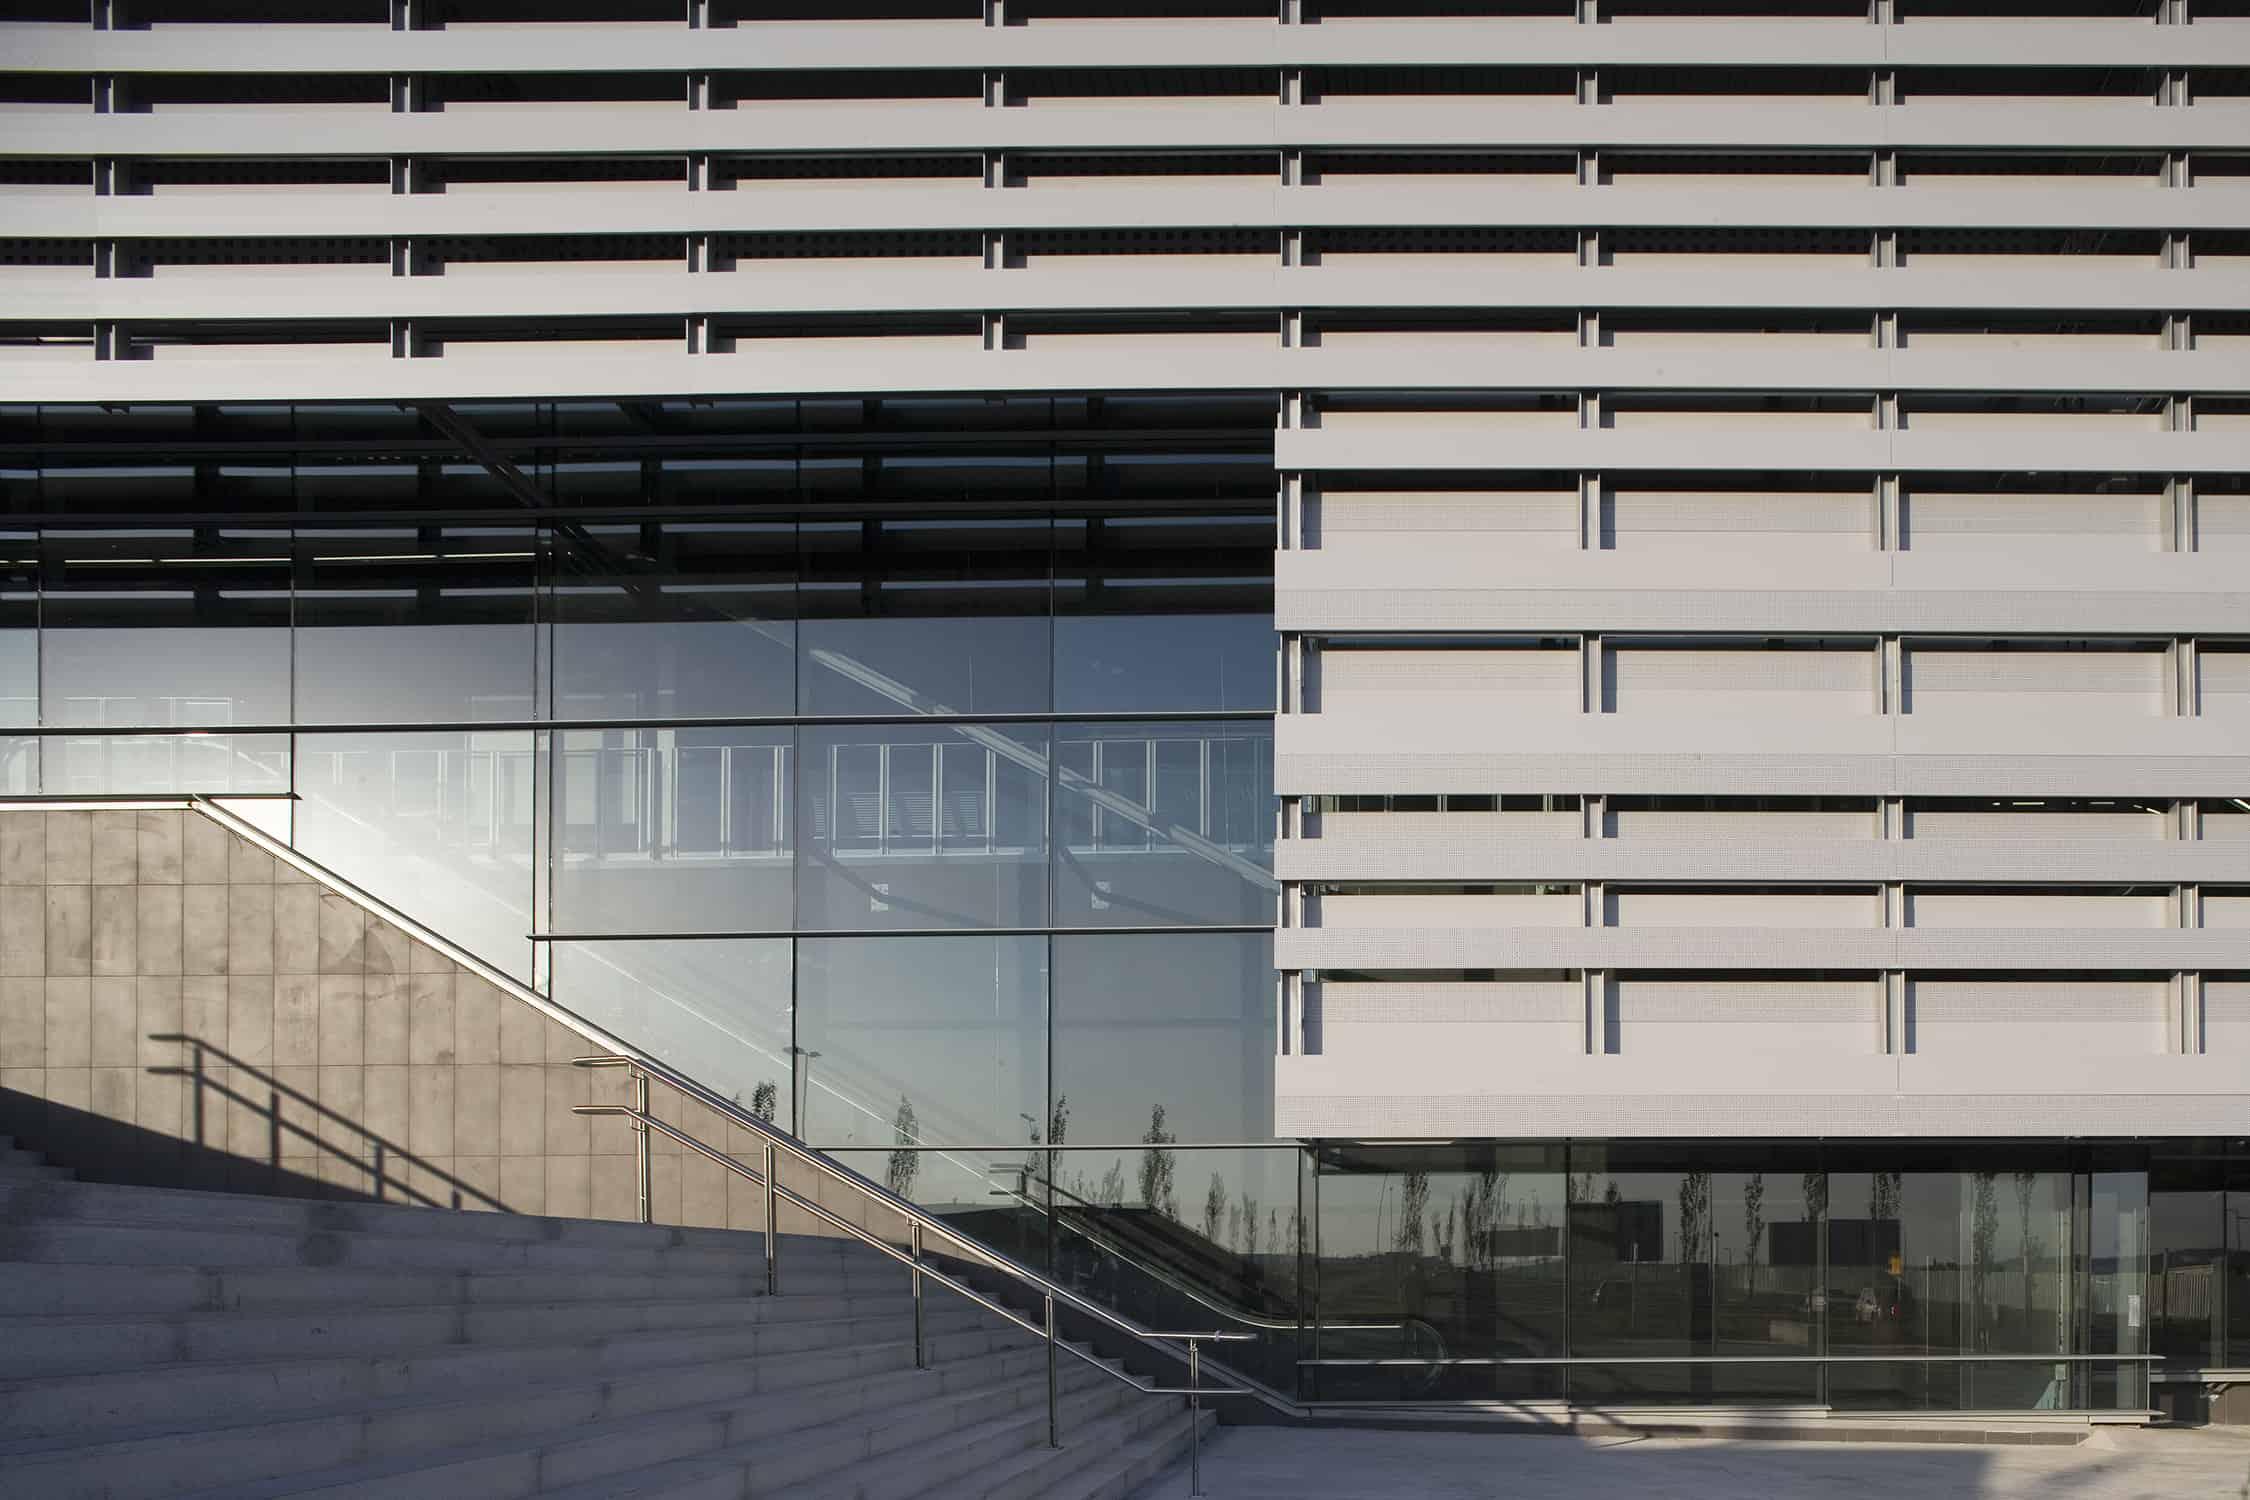 arquitectura transporte - Estación METRO de MADRID_LGV+LANDINEZ+REY | equipo L2G arquitectos, slp [eL2Gaa ] - arquitectura del transporte